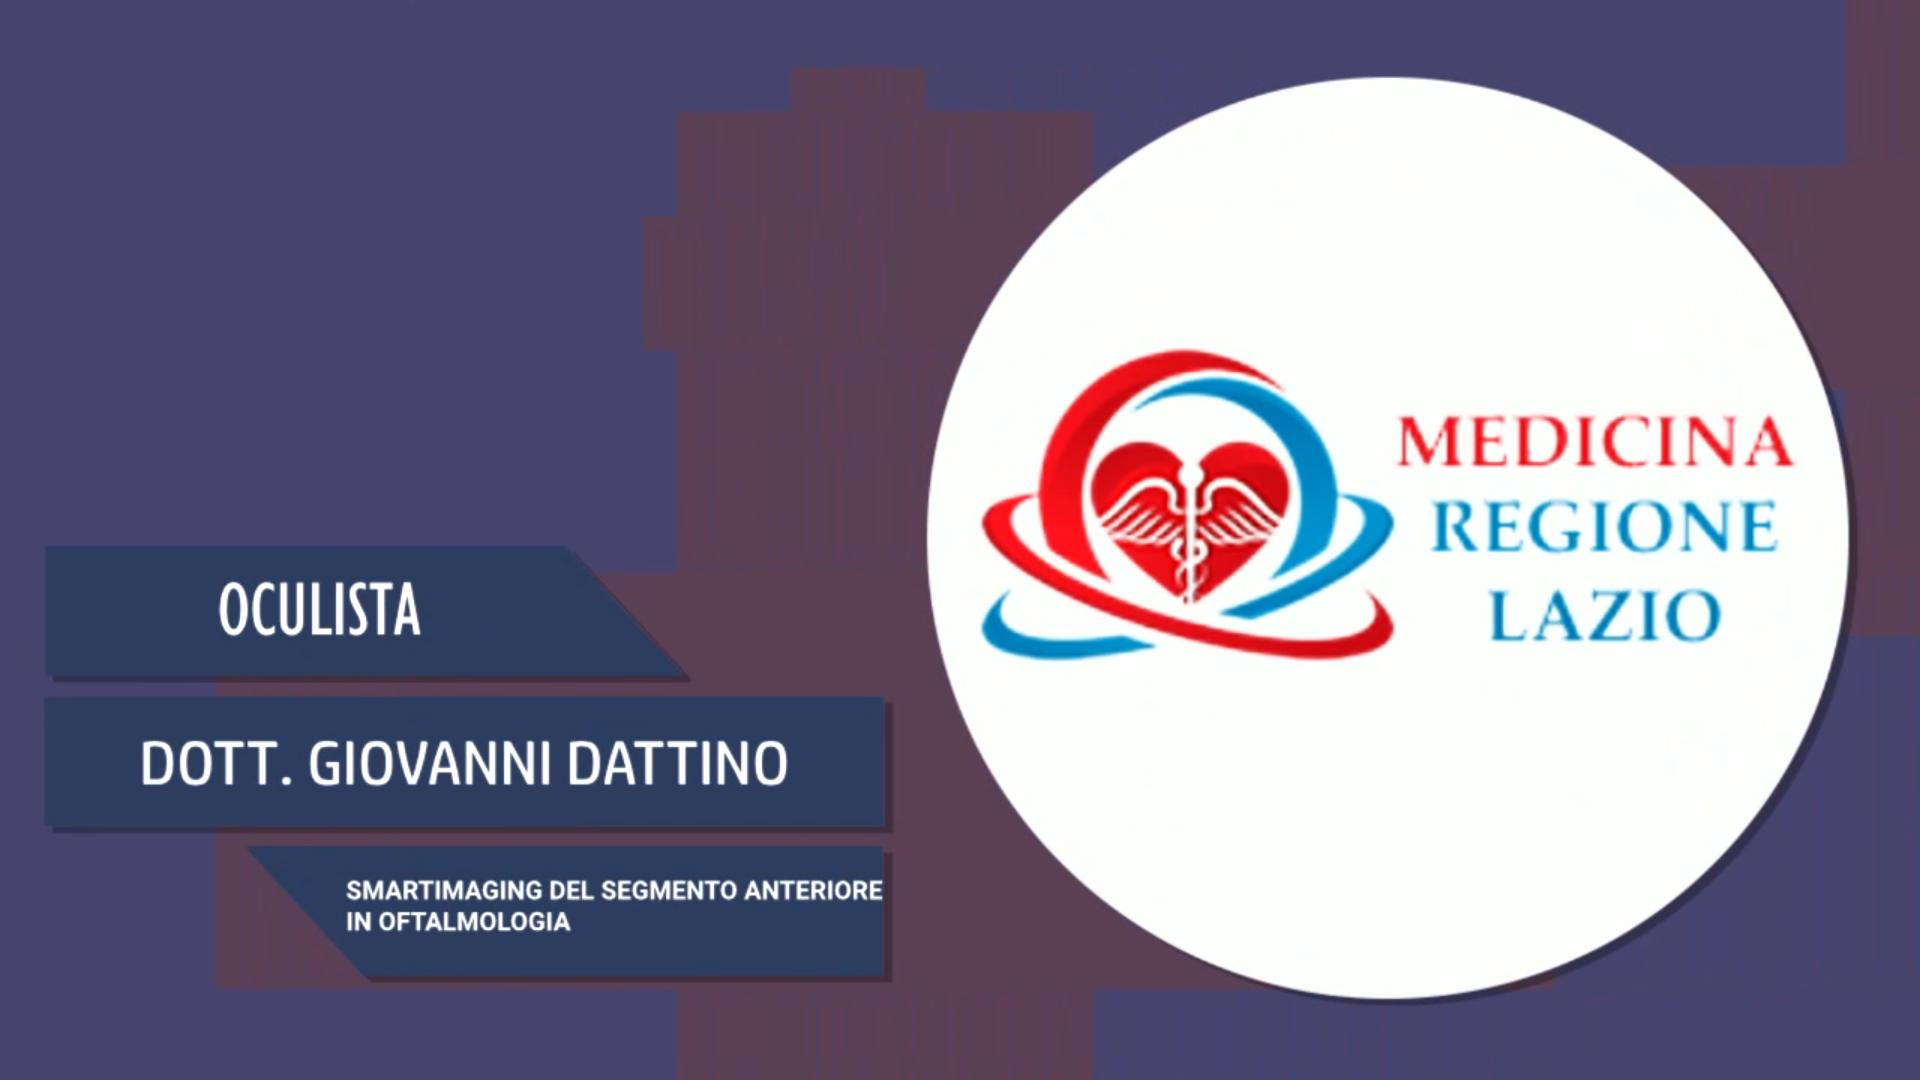 Intervista al Dott. Giovanni Dattino – Smartimaging del segmento anteriore